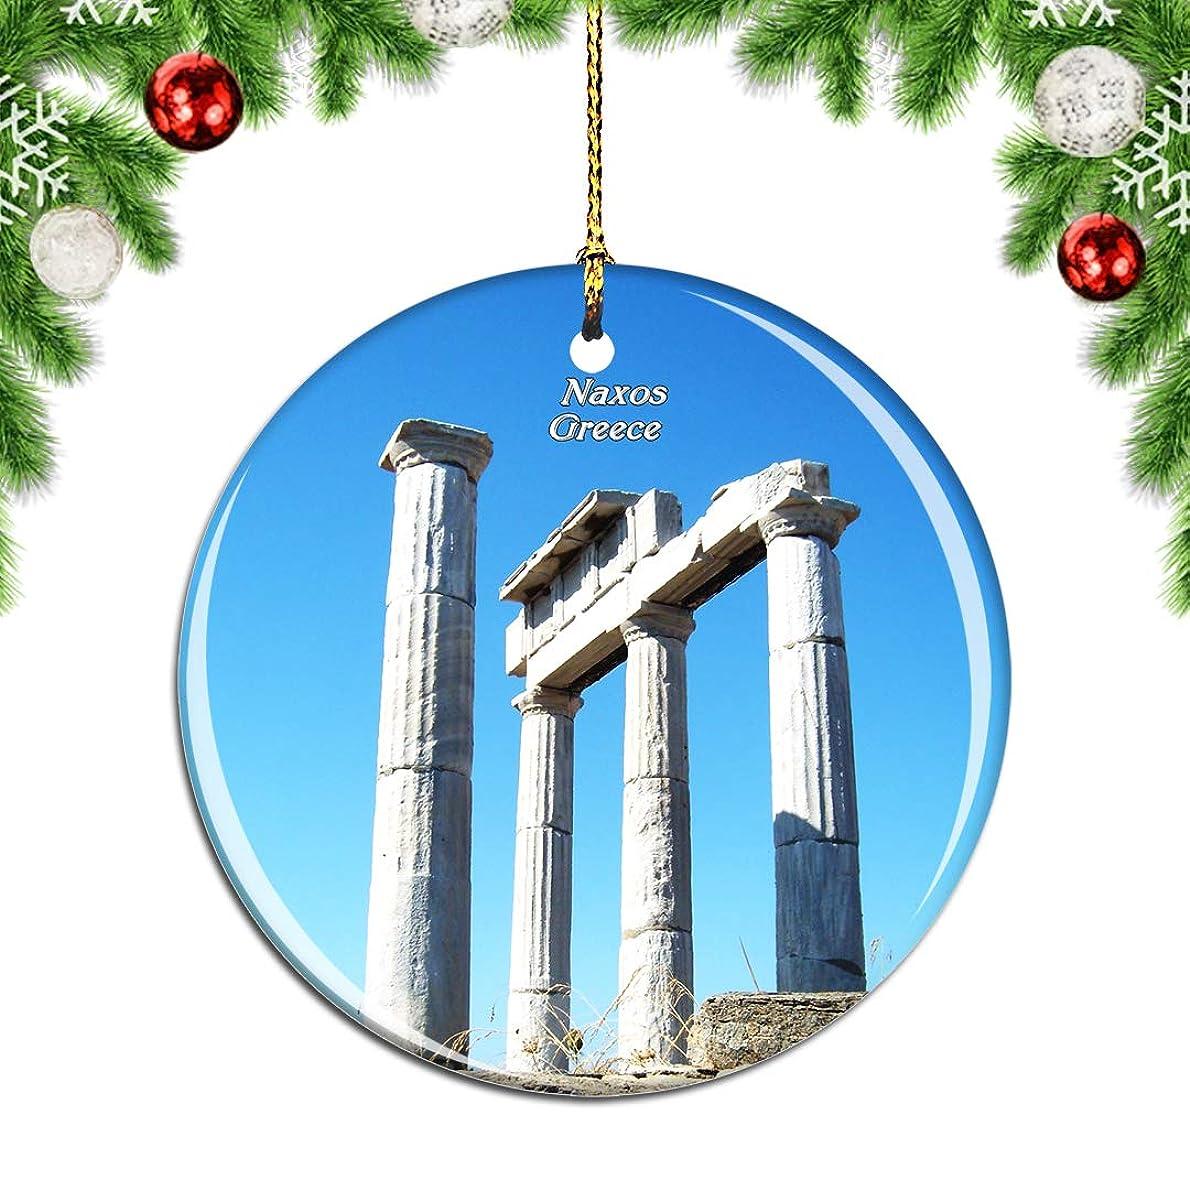 インタネットを見る人物目指すWeekinoギリシャデメテルナクソス神殿クリスマスデコレーションオーナメントクリスマスツリーペンダントデコレーションシティトラベルお土産コレクション磁器2.85インチ